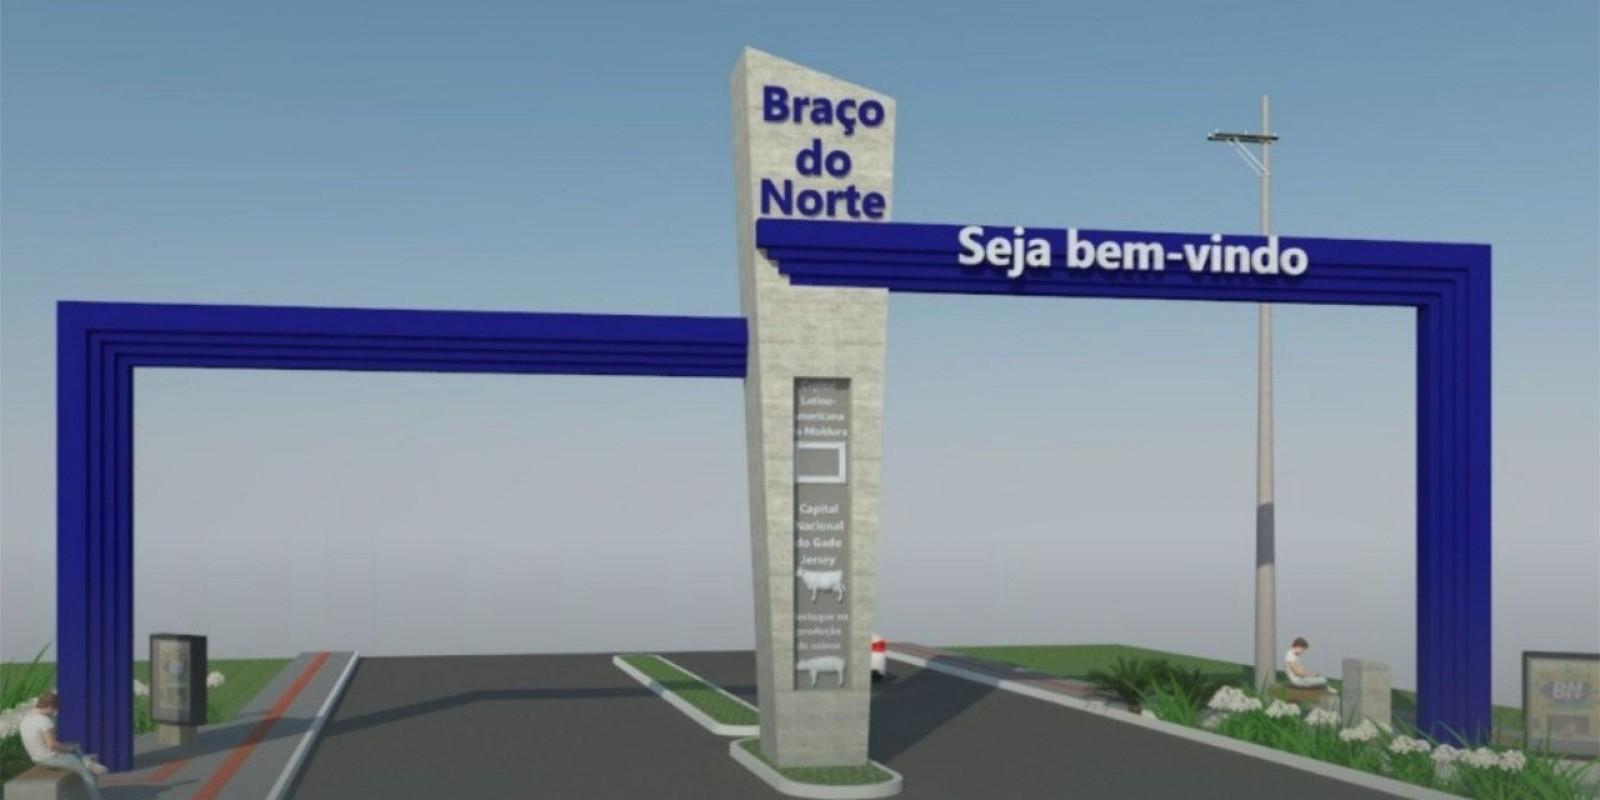 Pórtico de entrada de Braço do Norte será modernizado